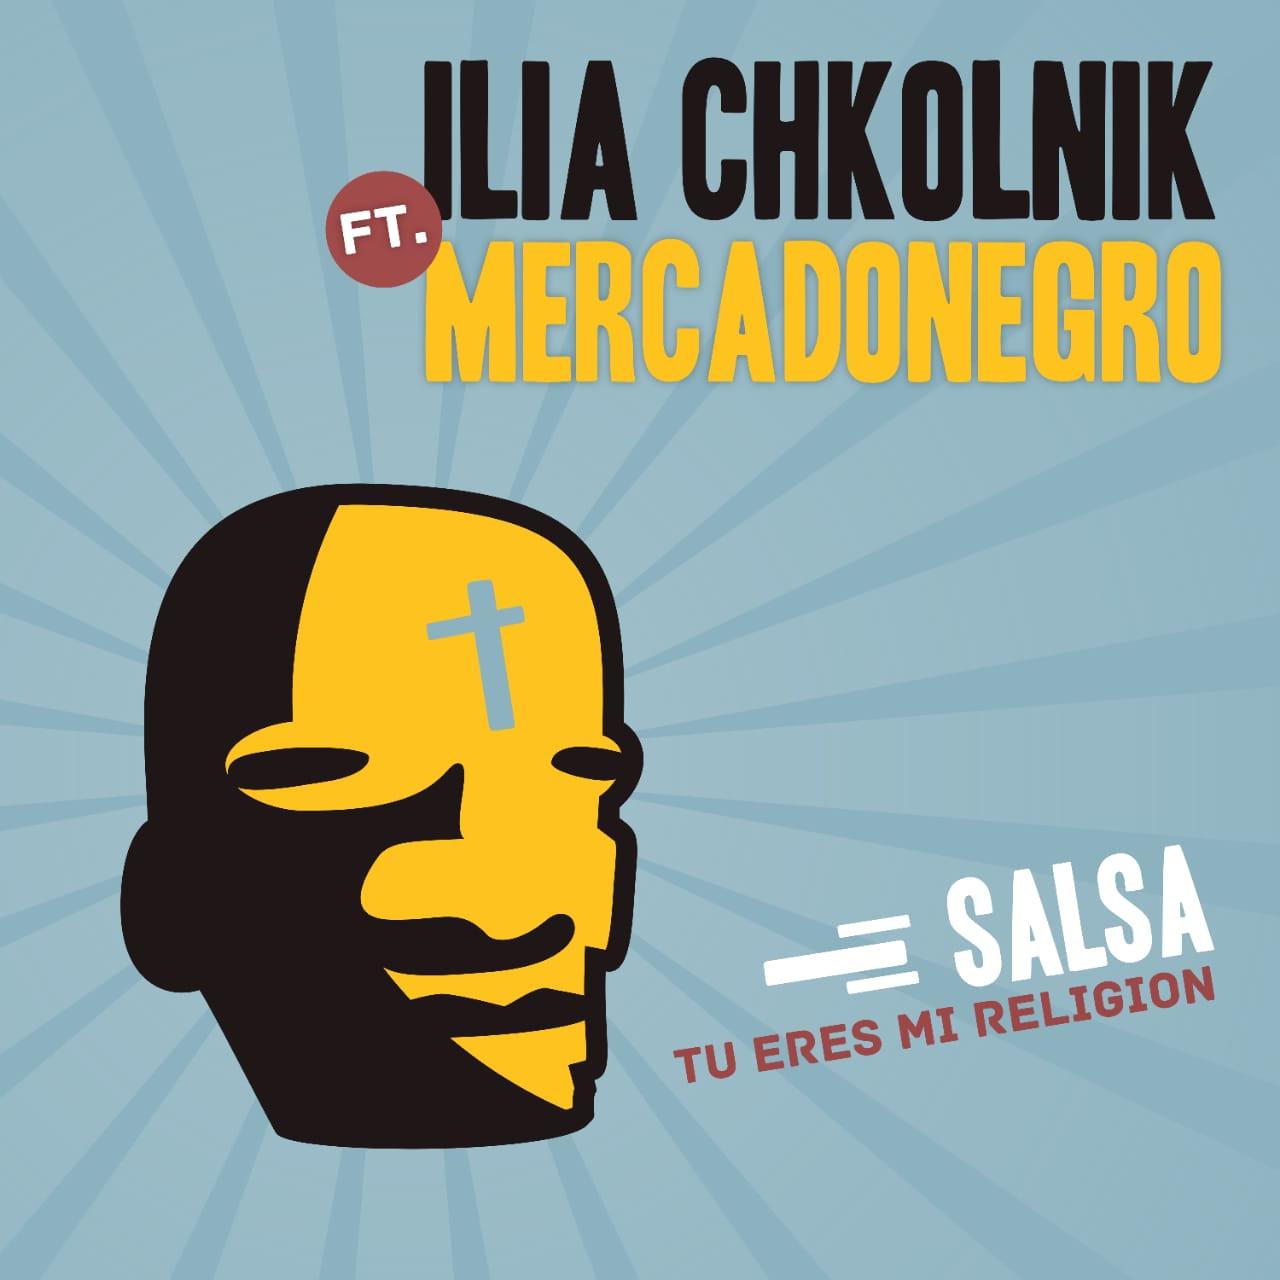 Salsa, Tu Eres Mi Religión - Ilia Chkolnik feat. Mercadonegro